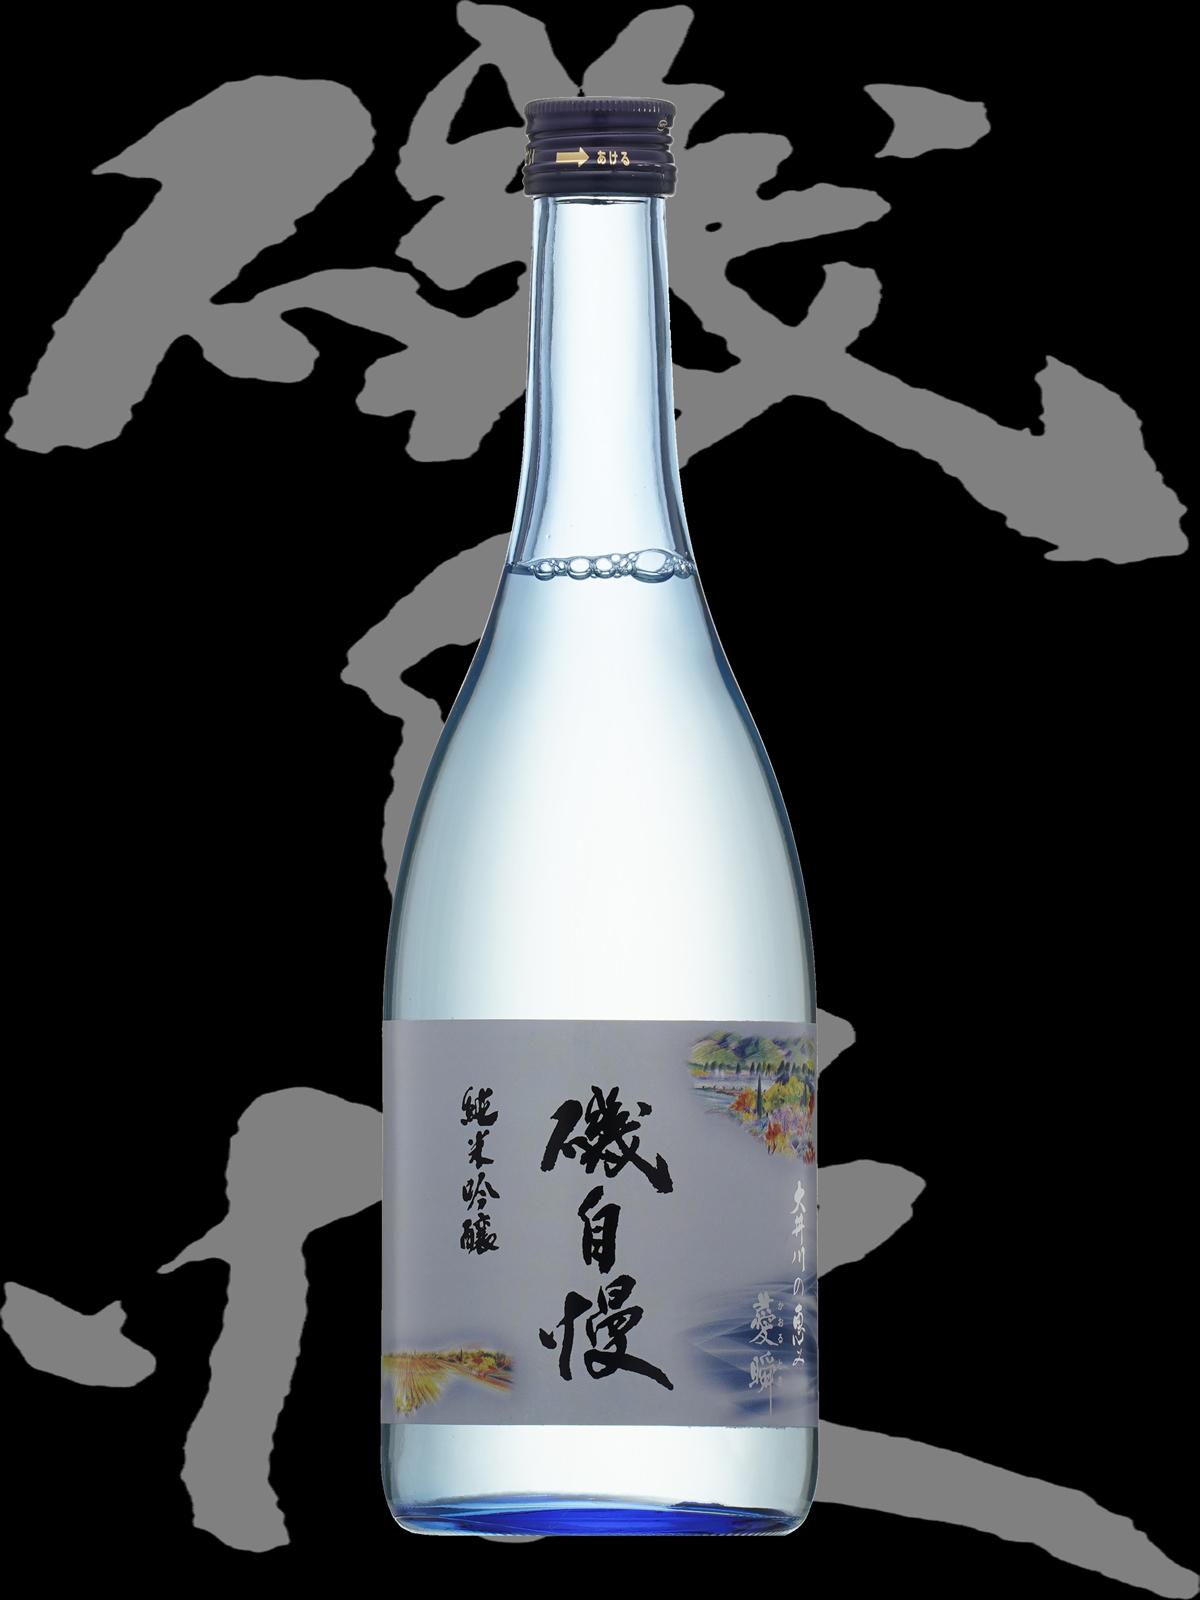 磯自慢(いそじまん)「純米吟醸」大井川の恵み・薆瞬(かおるとき)誉富士